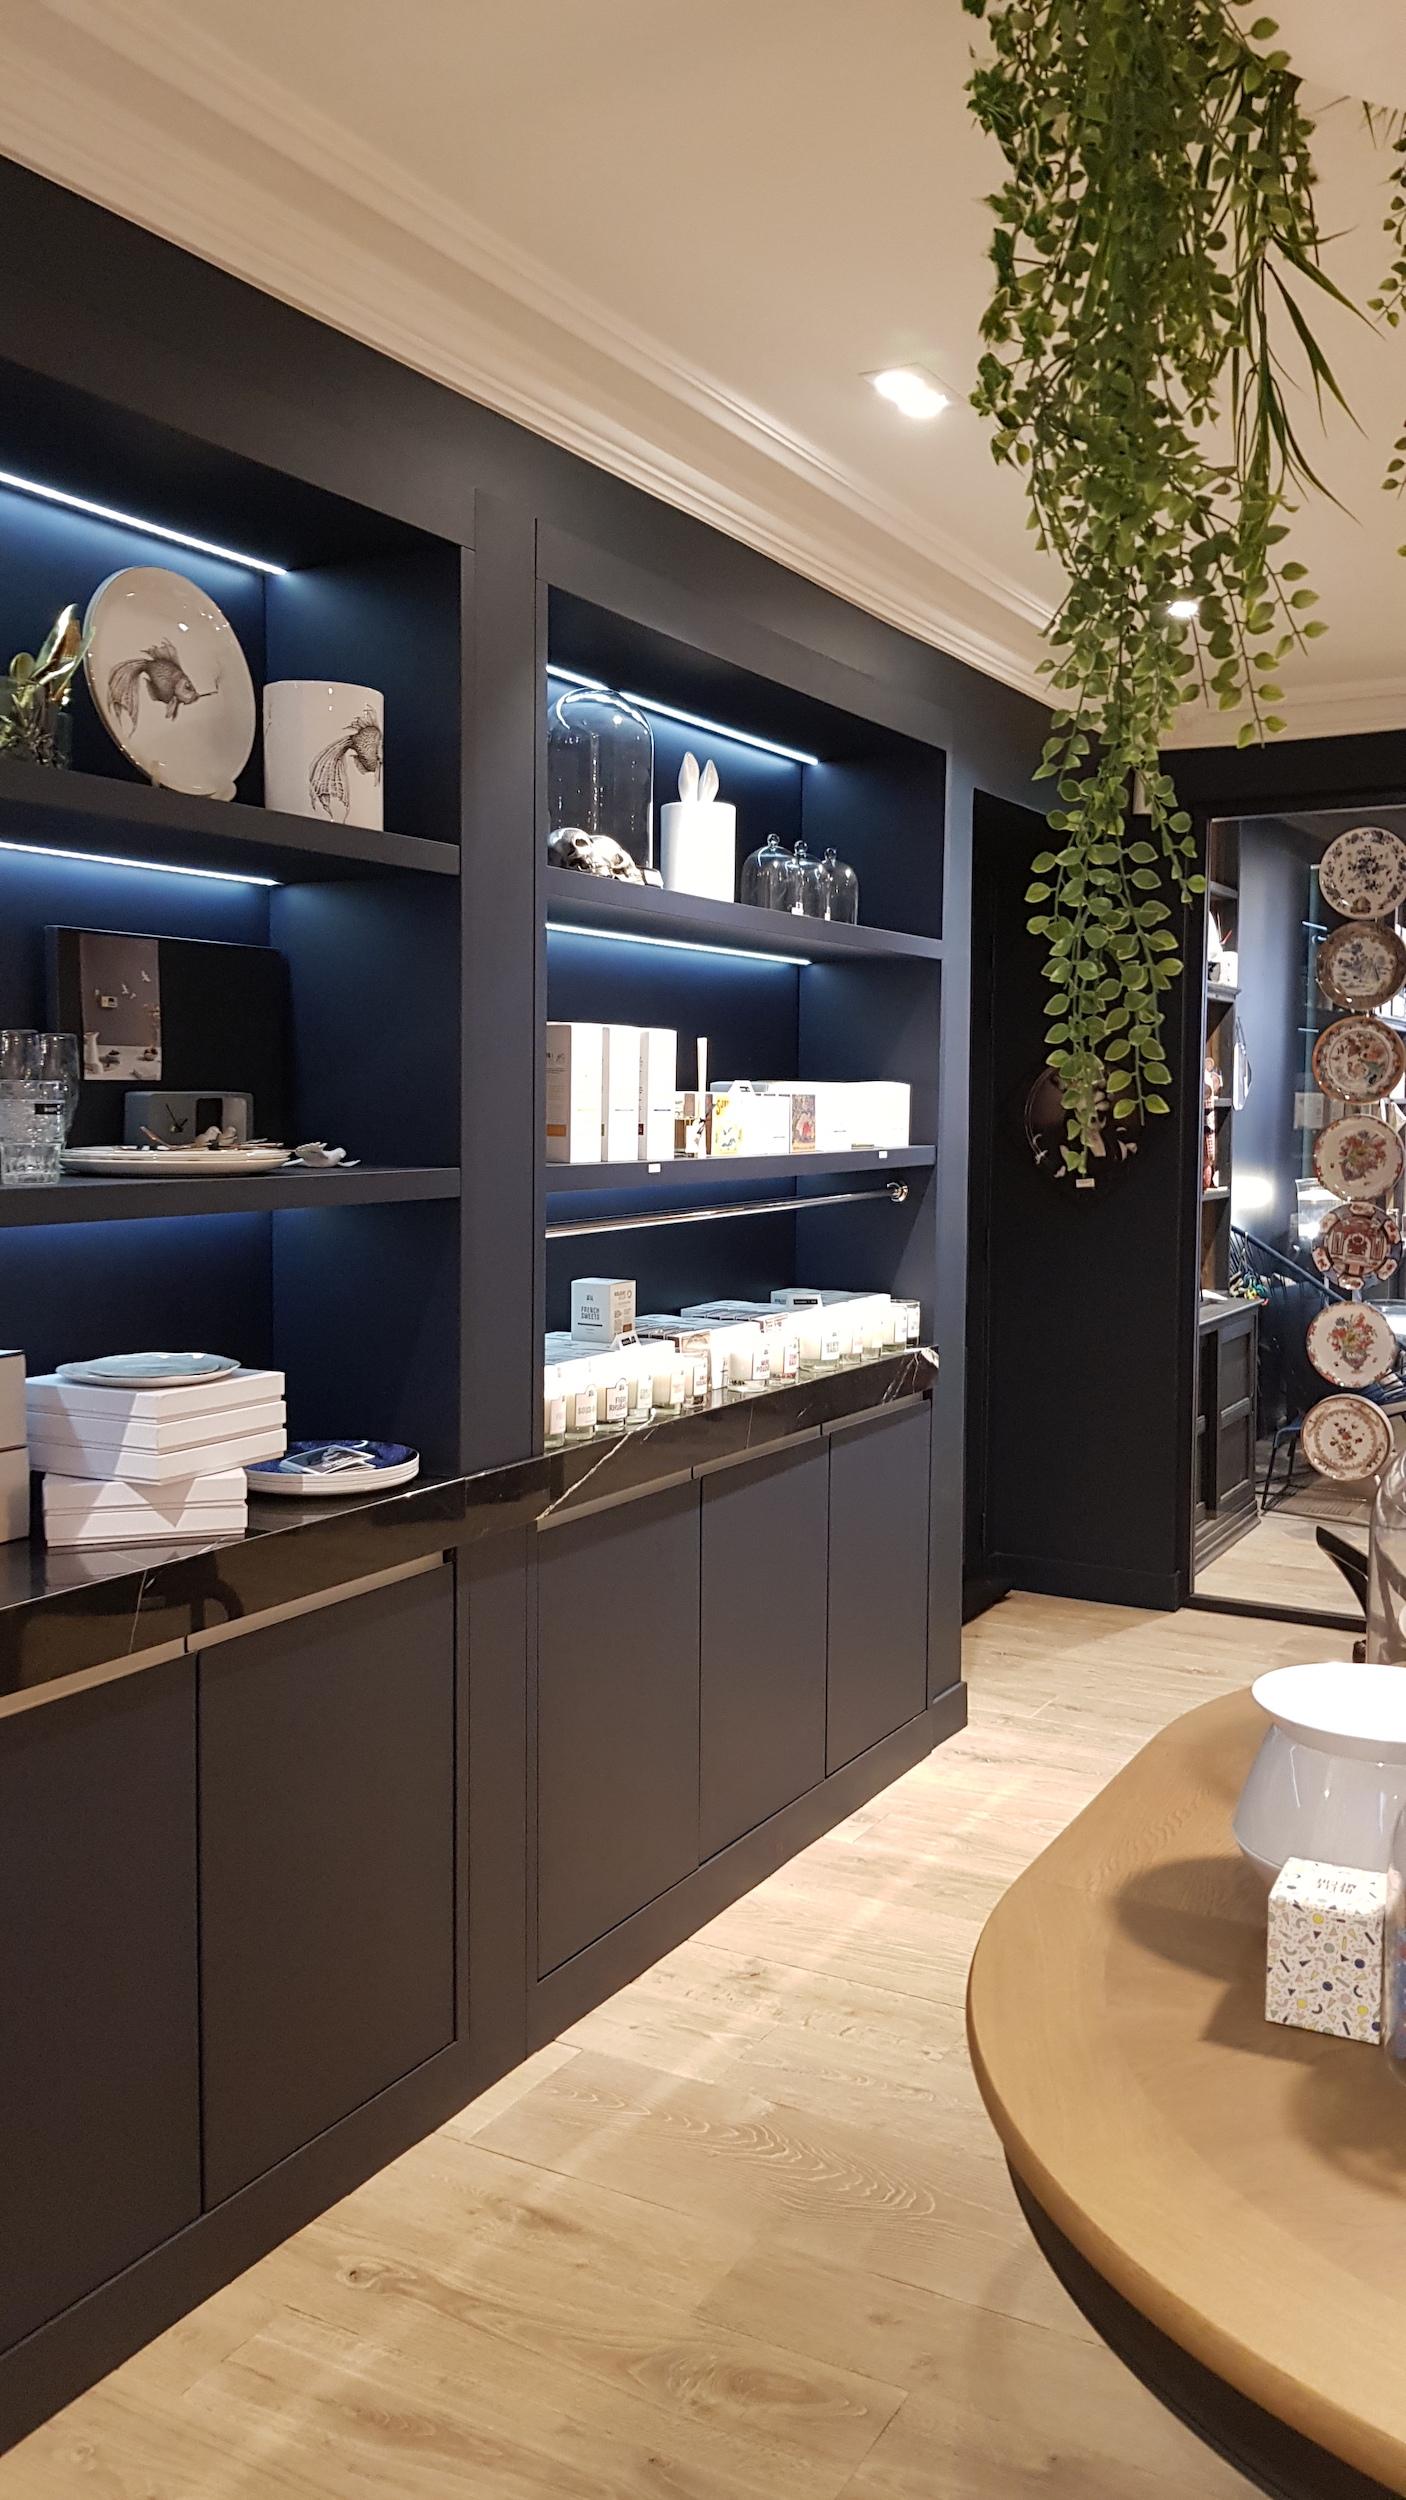 Renovation-boutique-lagny-decoration-77-large-2-original